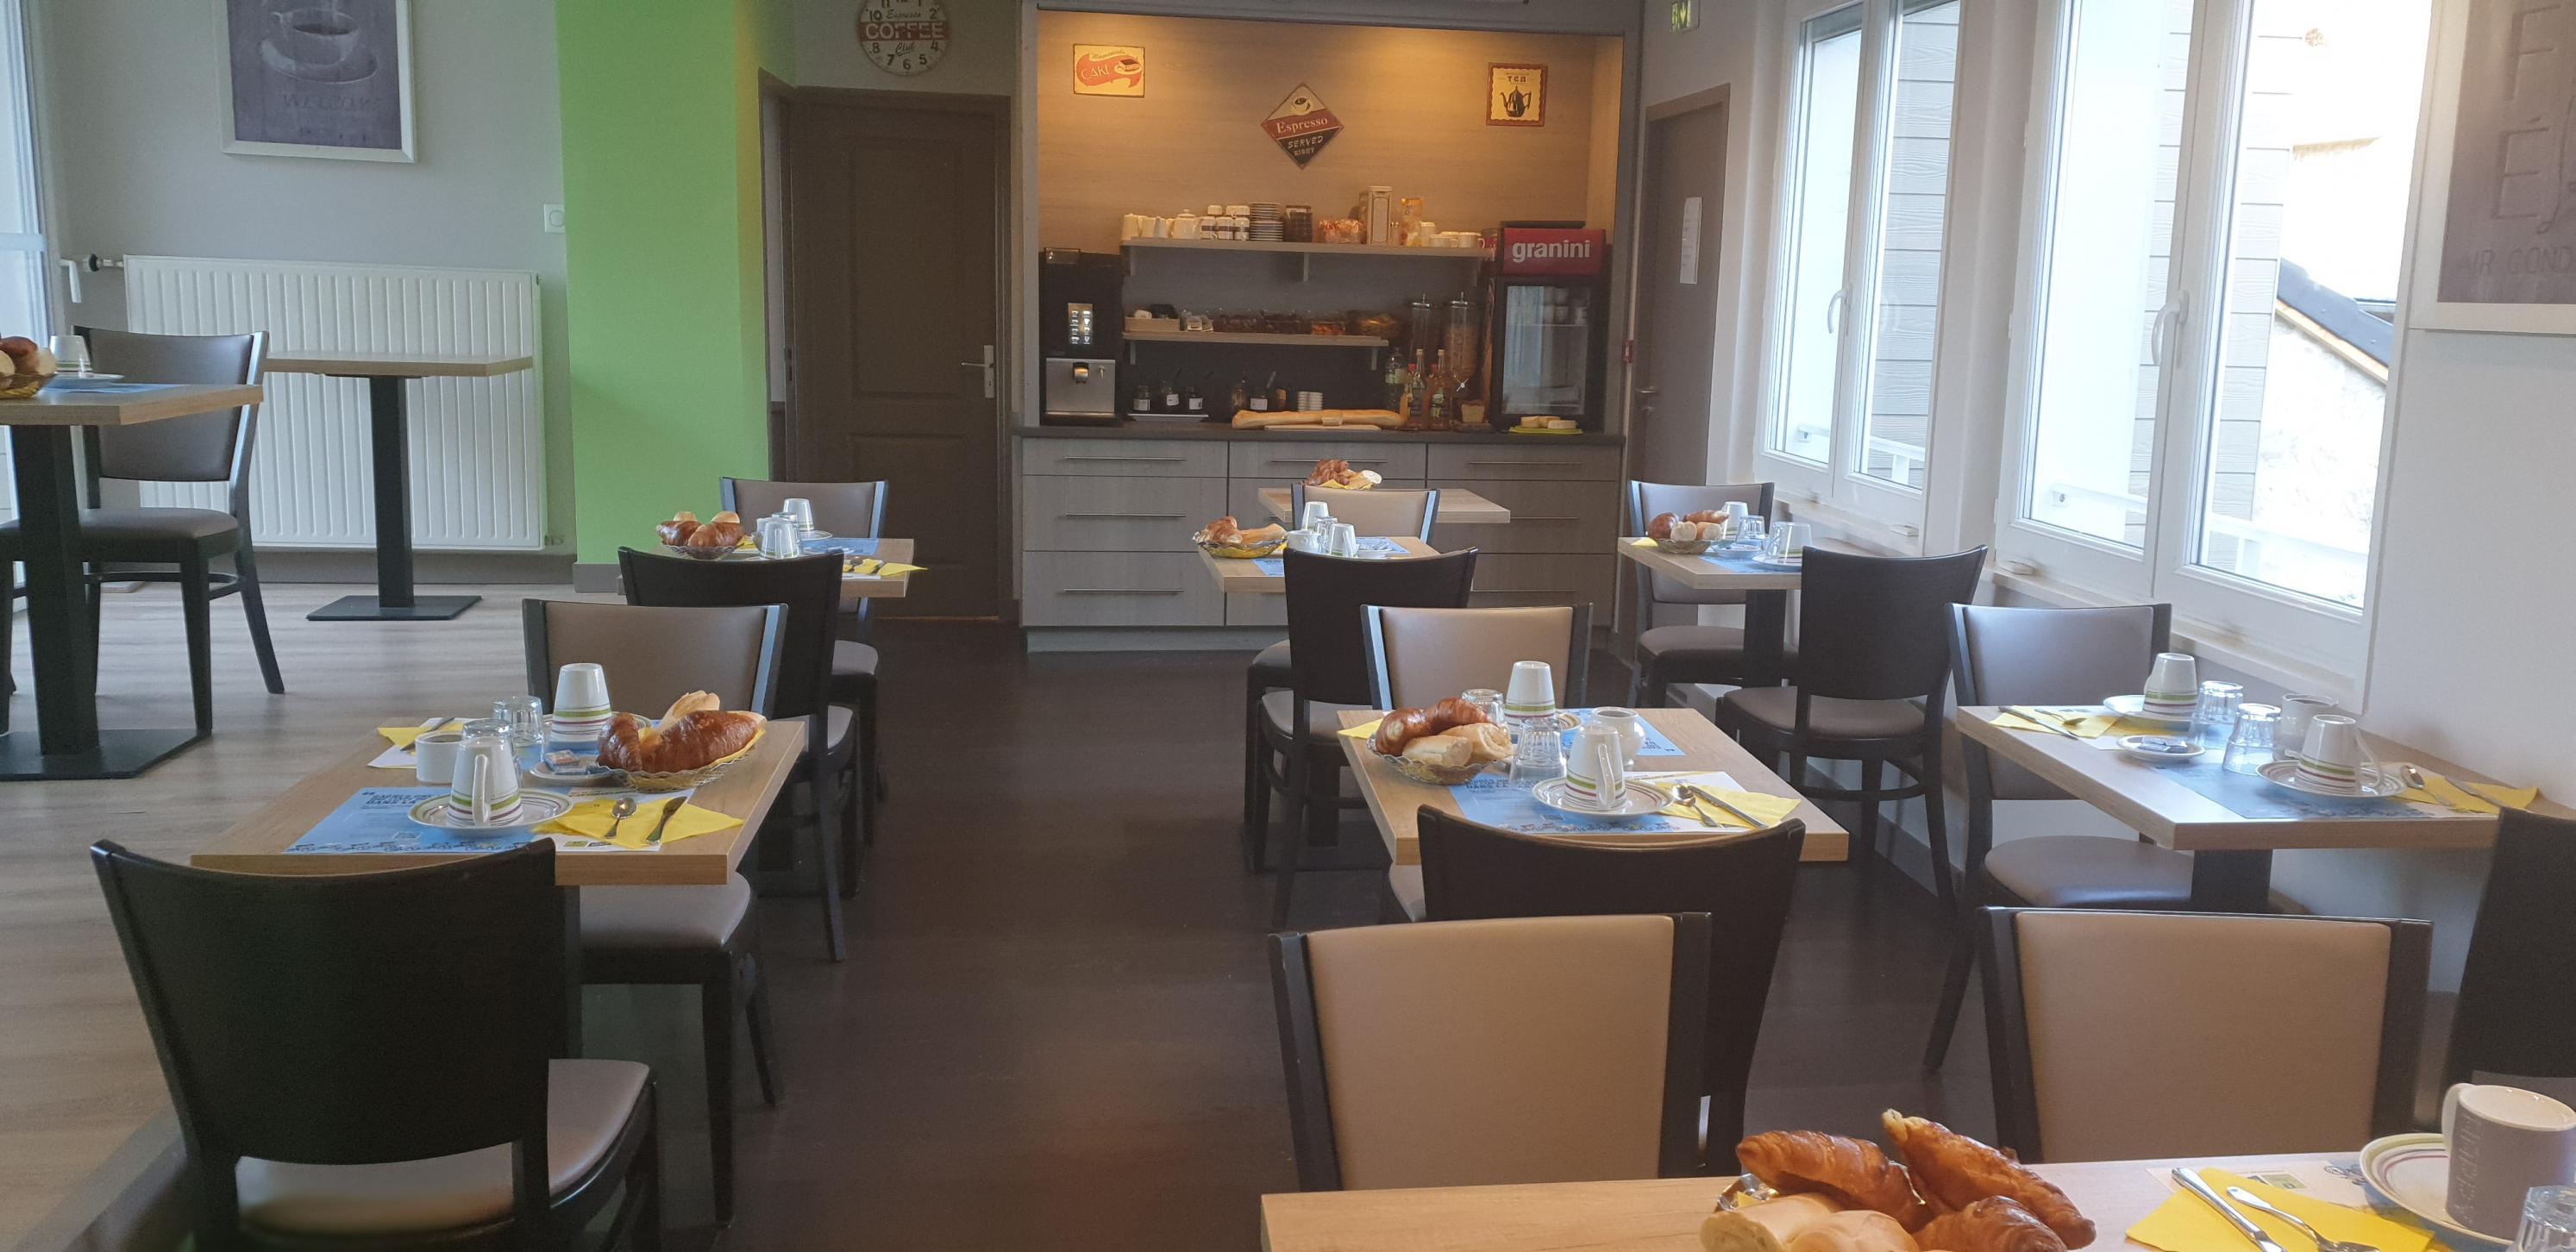 salle des petits dejeuner